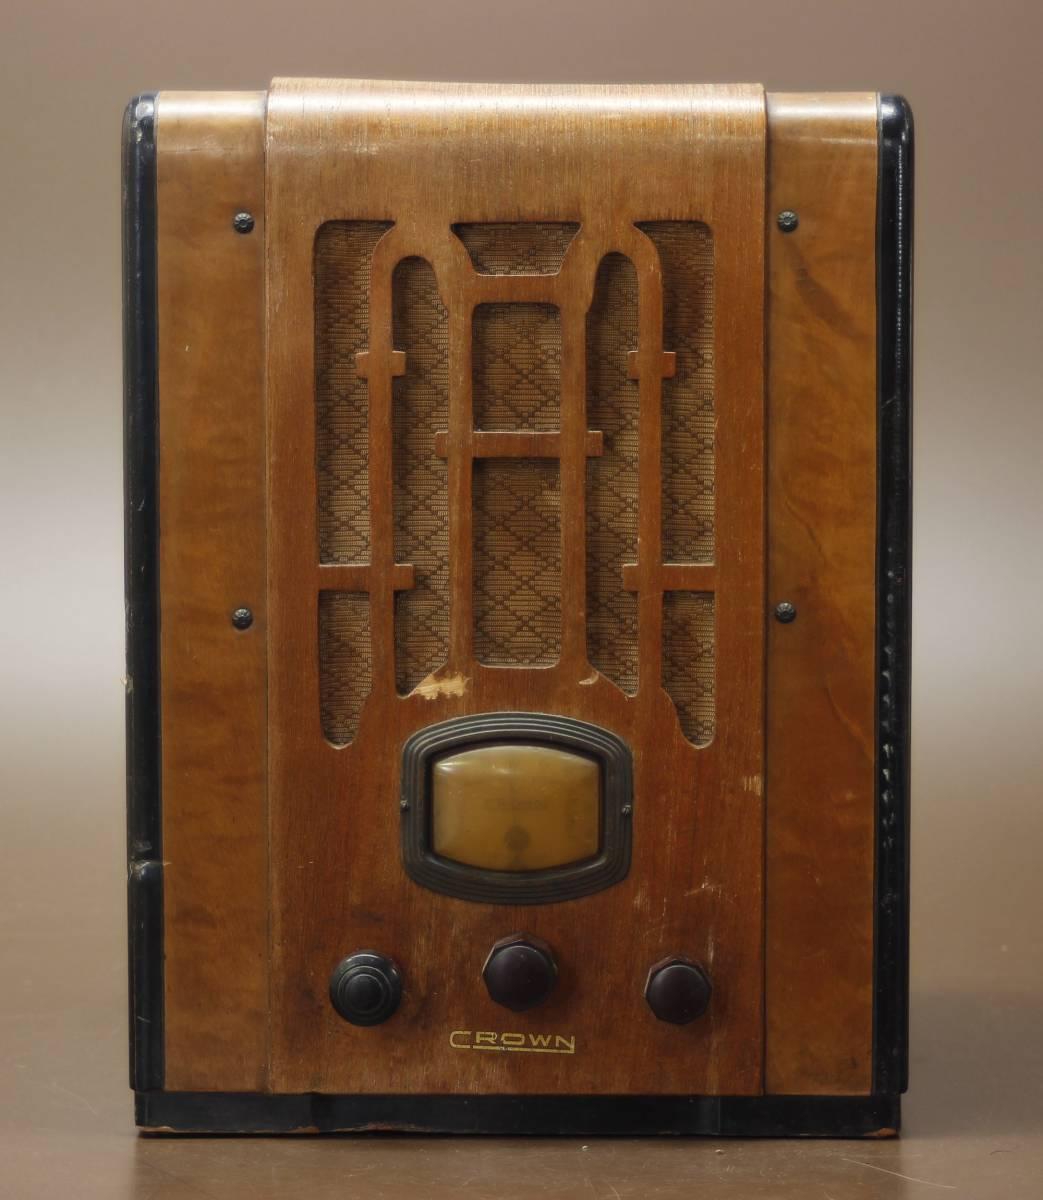 CROWN 480 古い真空管ラジオ ジャンク クラウン_画像2